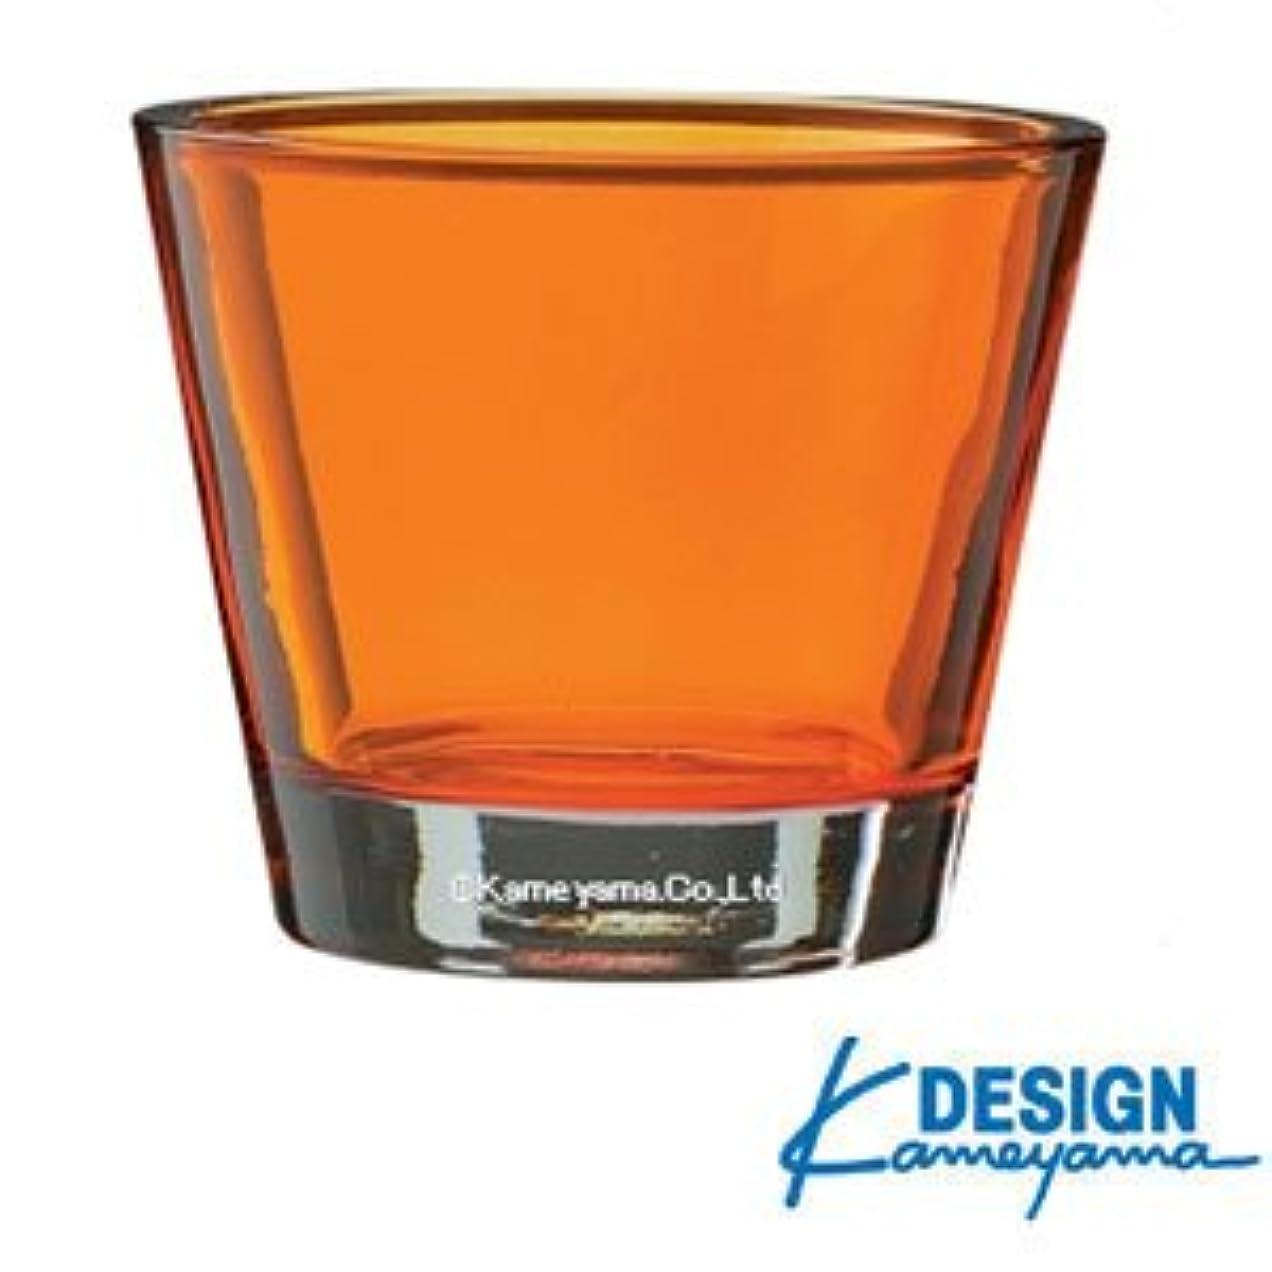 取り替える可塑性不適カメヤマキャンドル カラリス オレンジ